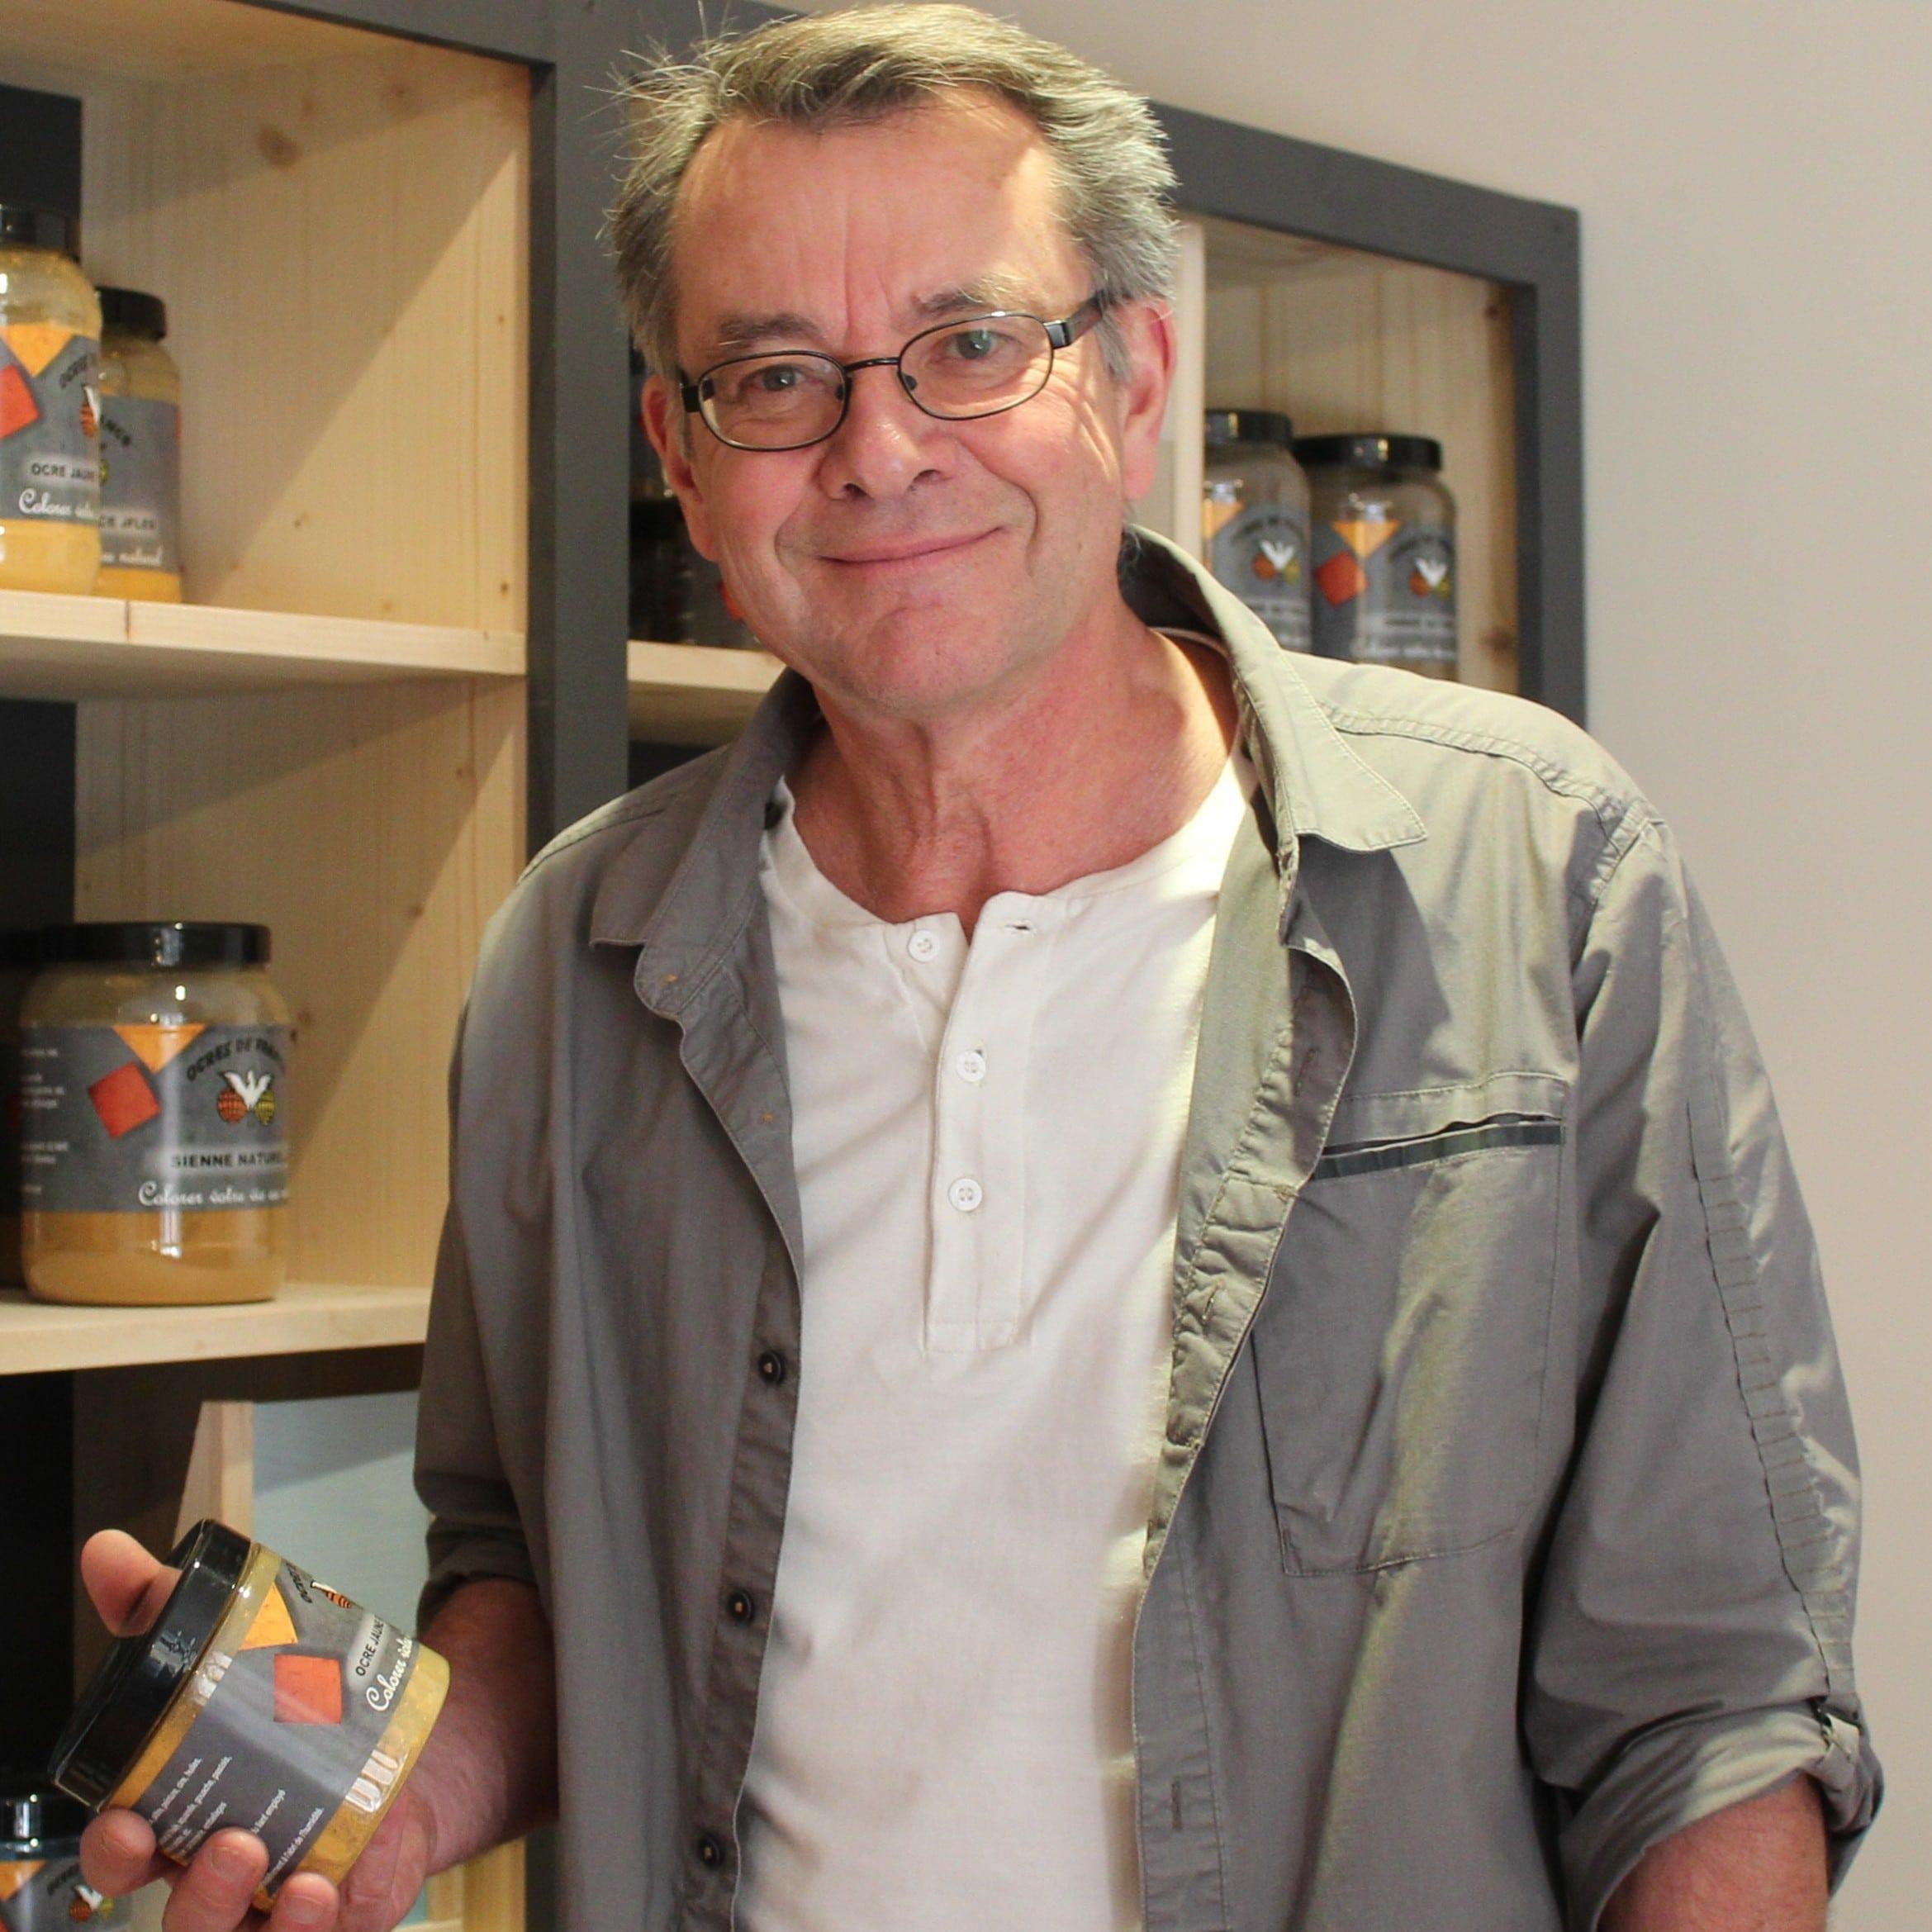 Jacques Beaumier partage ses réflexions sur l'artisanat.